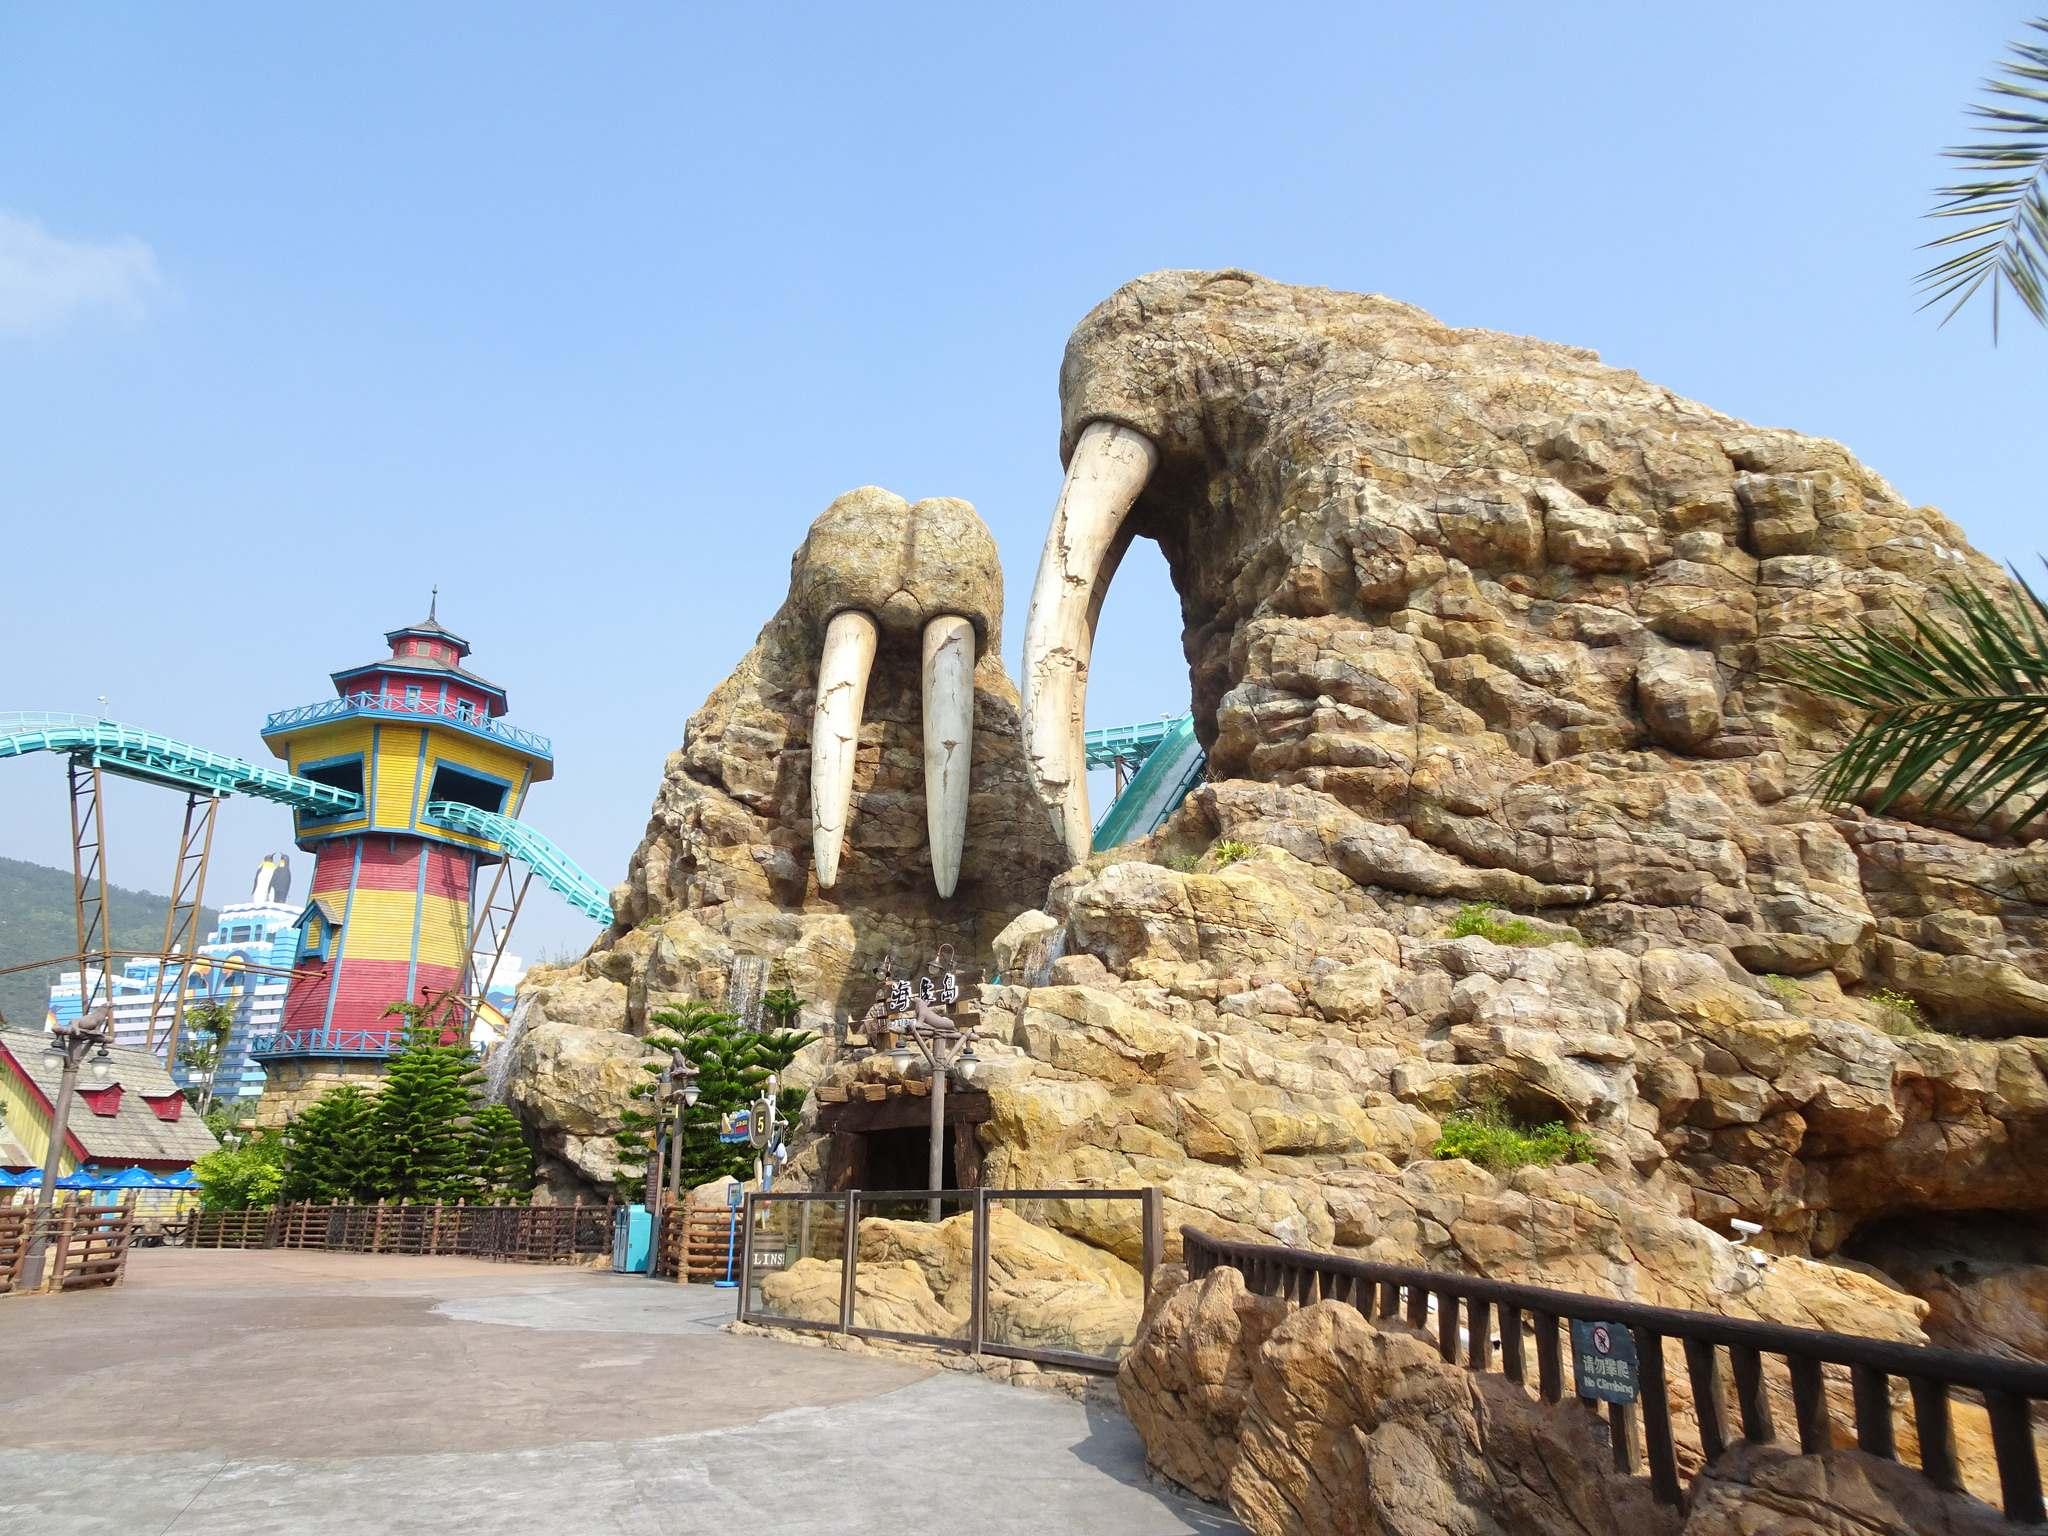 chimelong ocean kingdom1 Chimelong Ocean Kingdom   Worlds Largest Aquarium